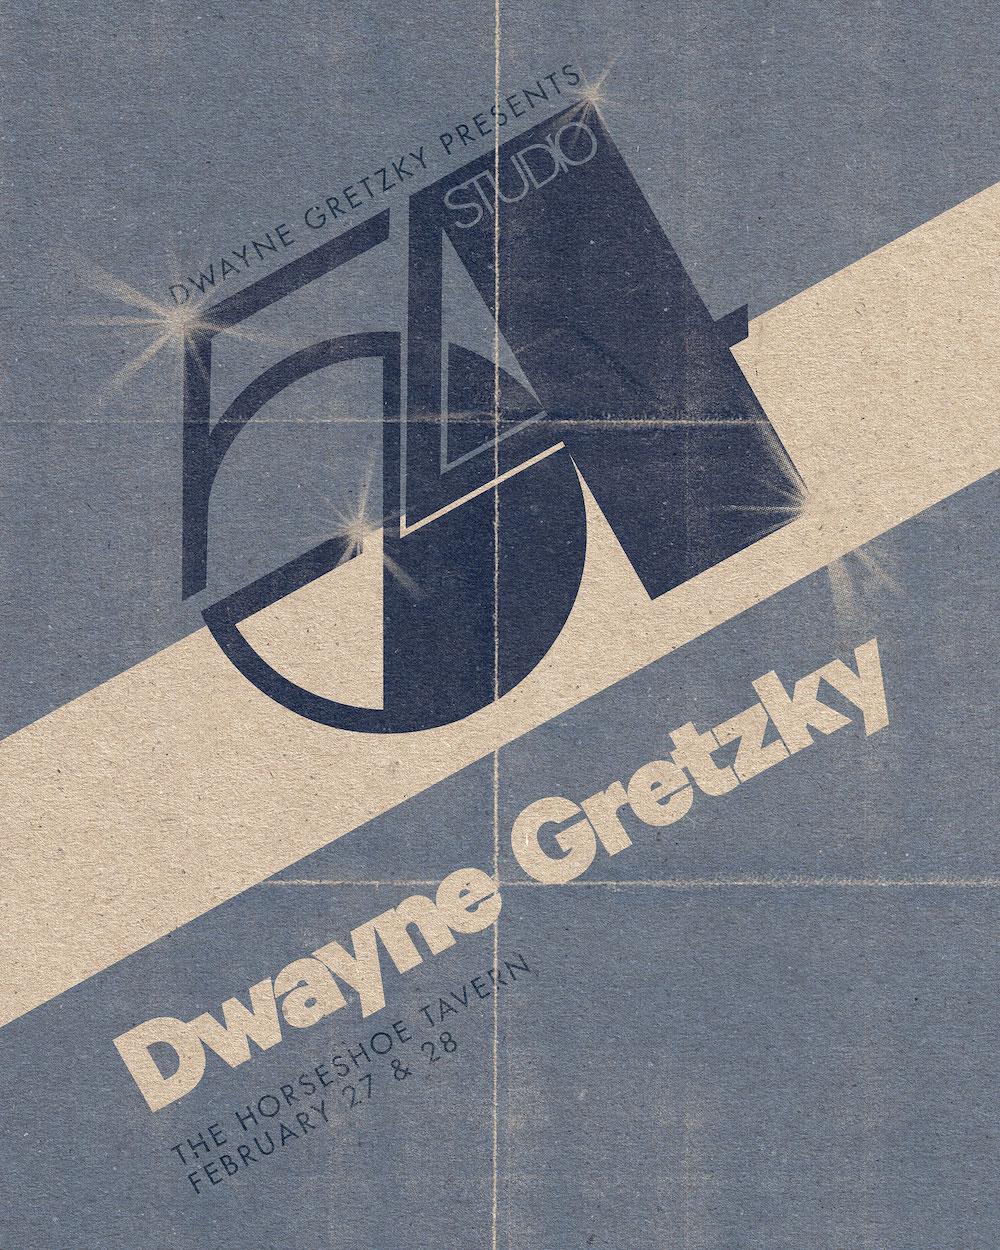 Dwayne Gretzky Studio 54